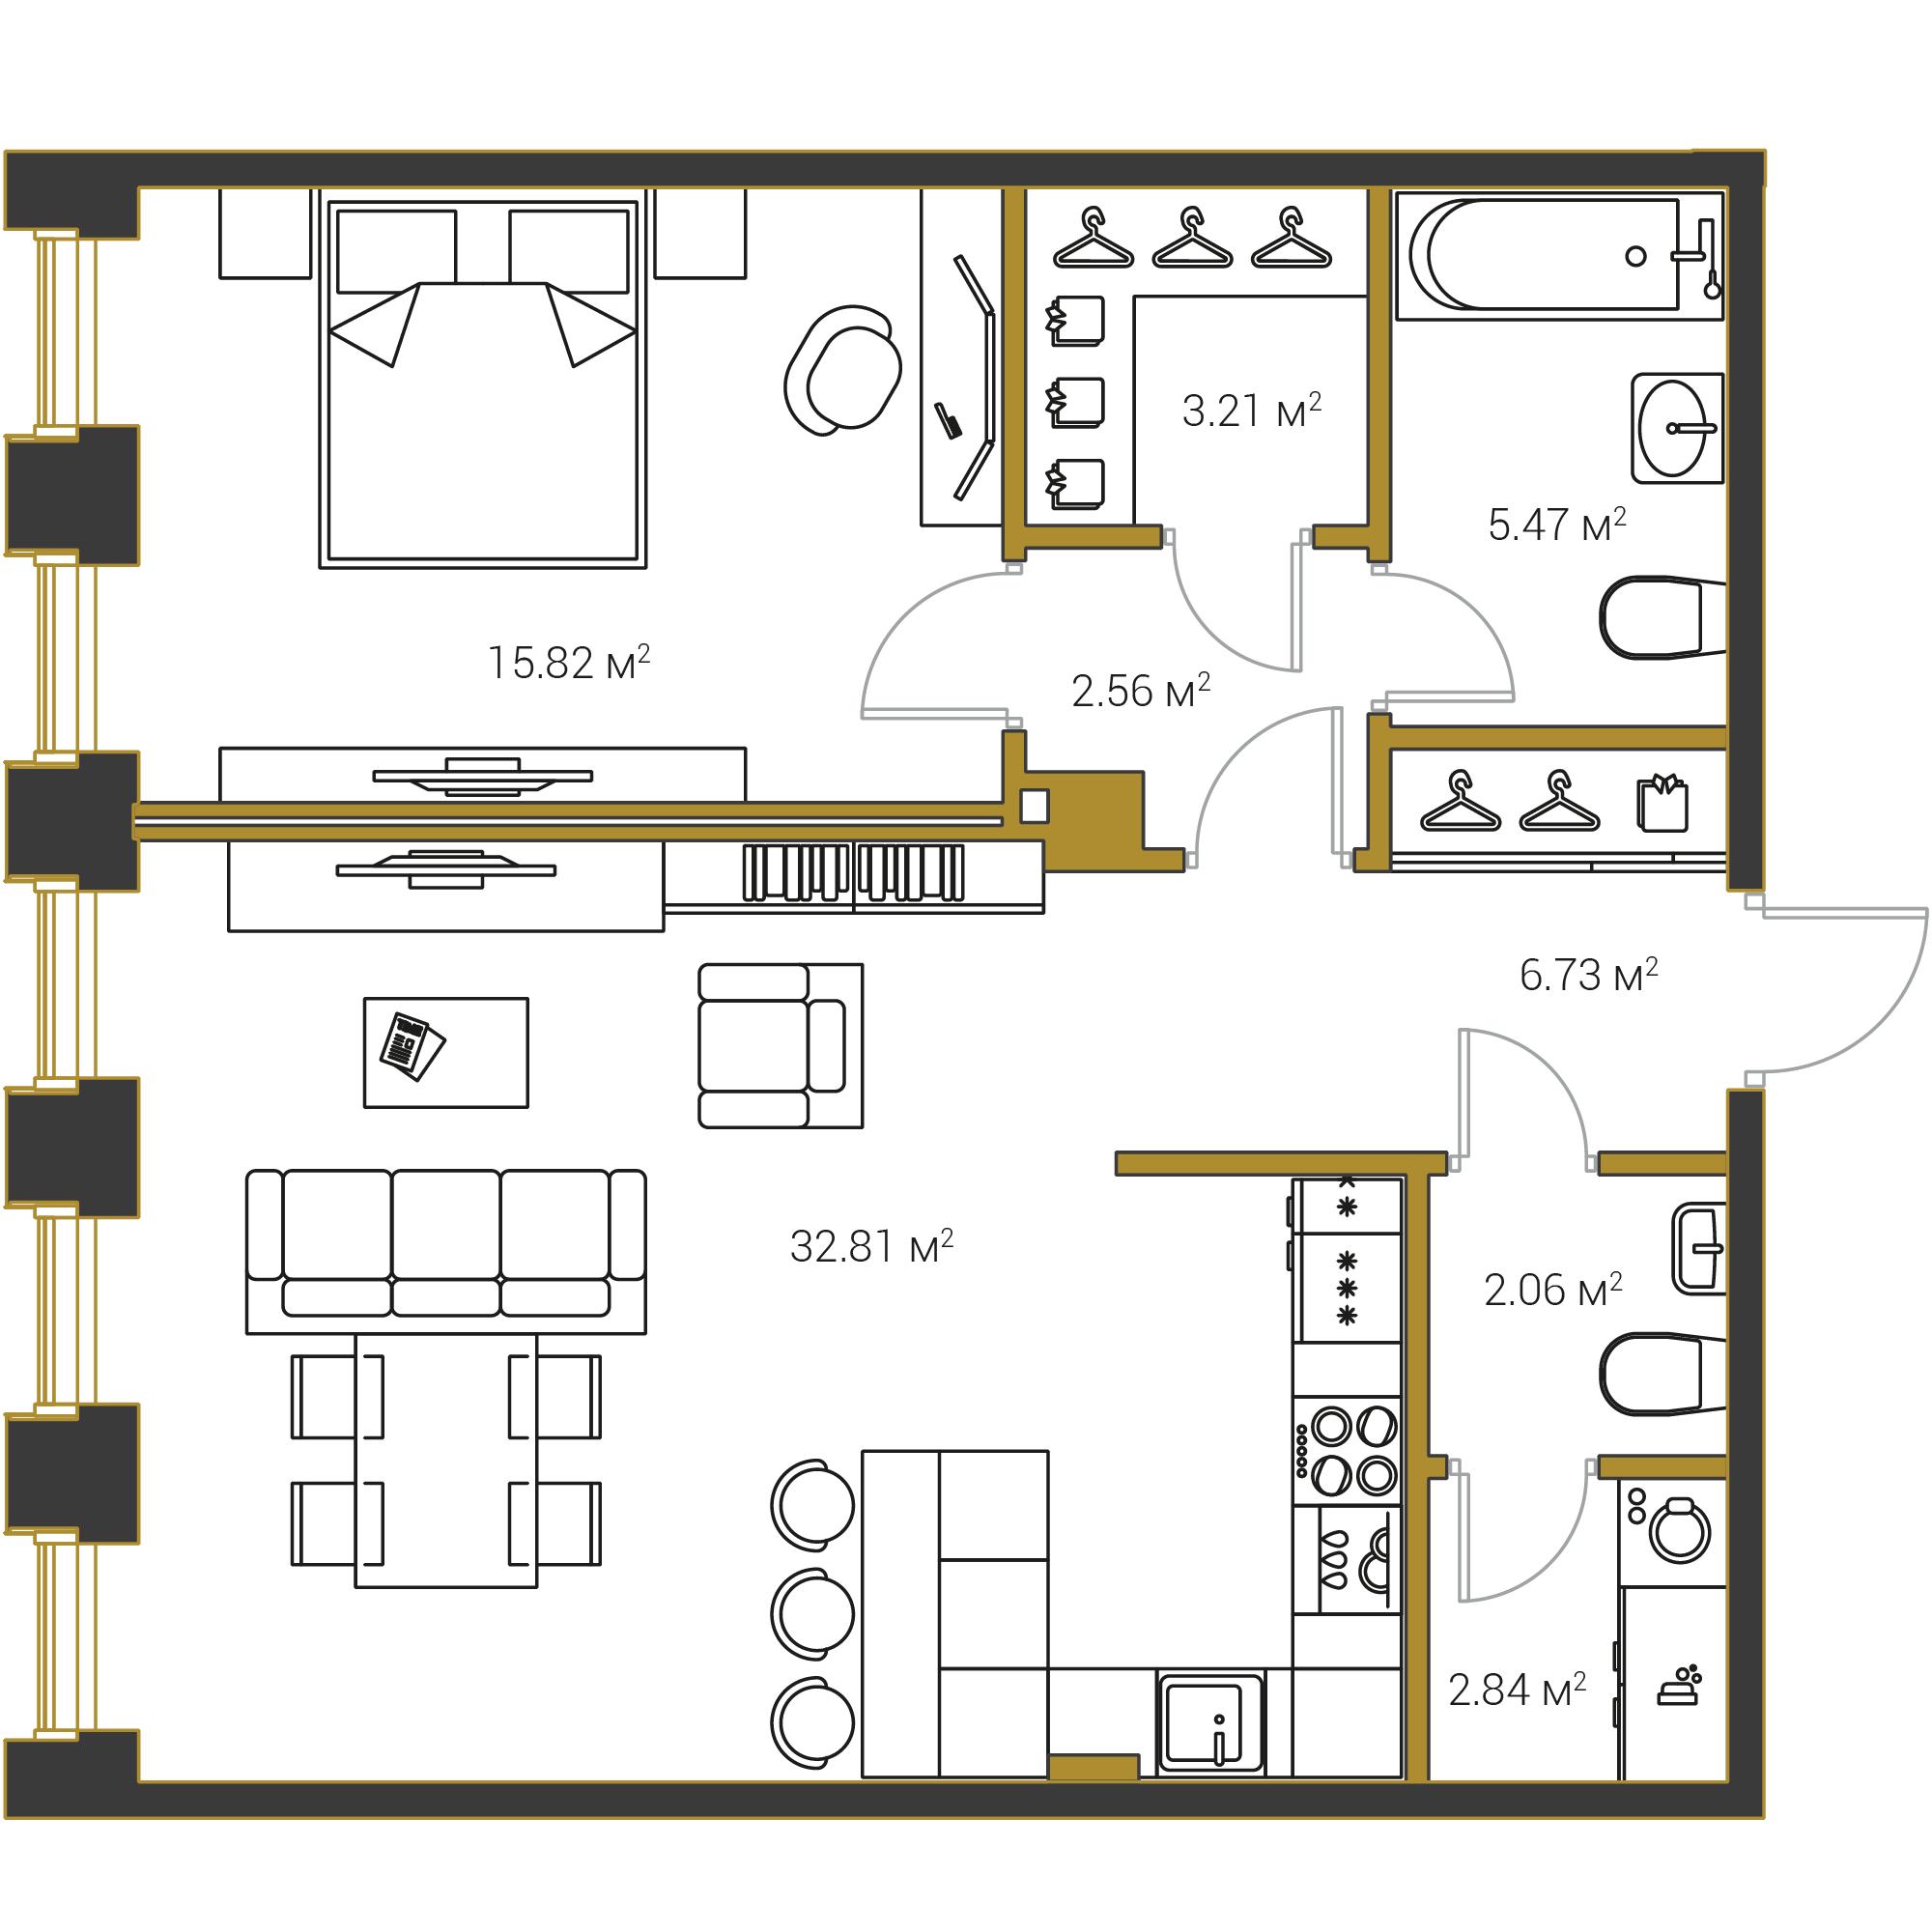 1-комнатная квартира №16 в: Институтский,16: 71.5 м²; этаж: 15 - купить в Санкт-Петербурге